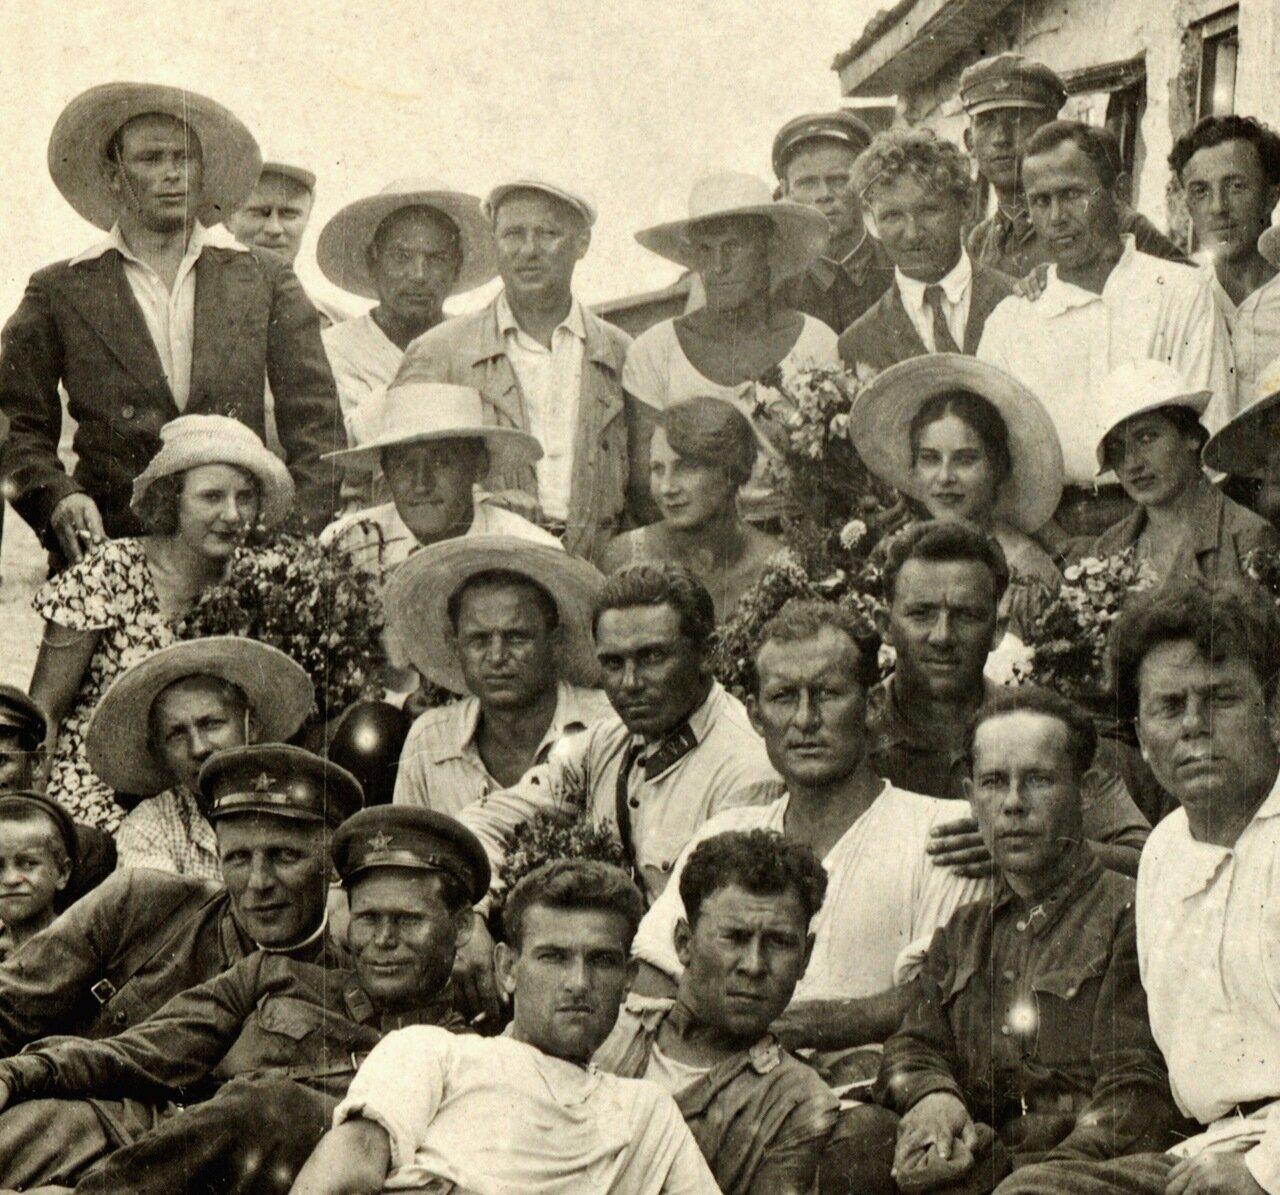 МХАТ на гастролях. Середина 1930-х.В верхнем ряду второй справа (в белой рубашке) Николай Дорохин, в третьем ряду -  второй слева (в белой шляпе) Григорий Конский, вторая справа (тоже в белой шляпе) Софья Пилявская.